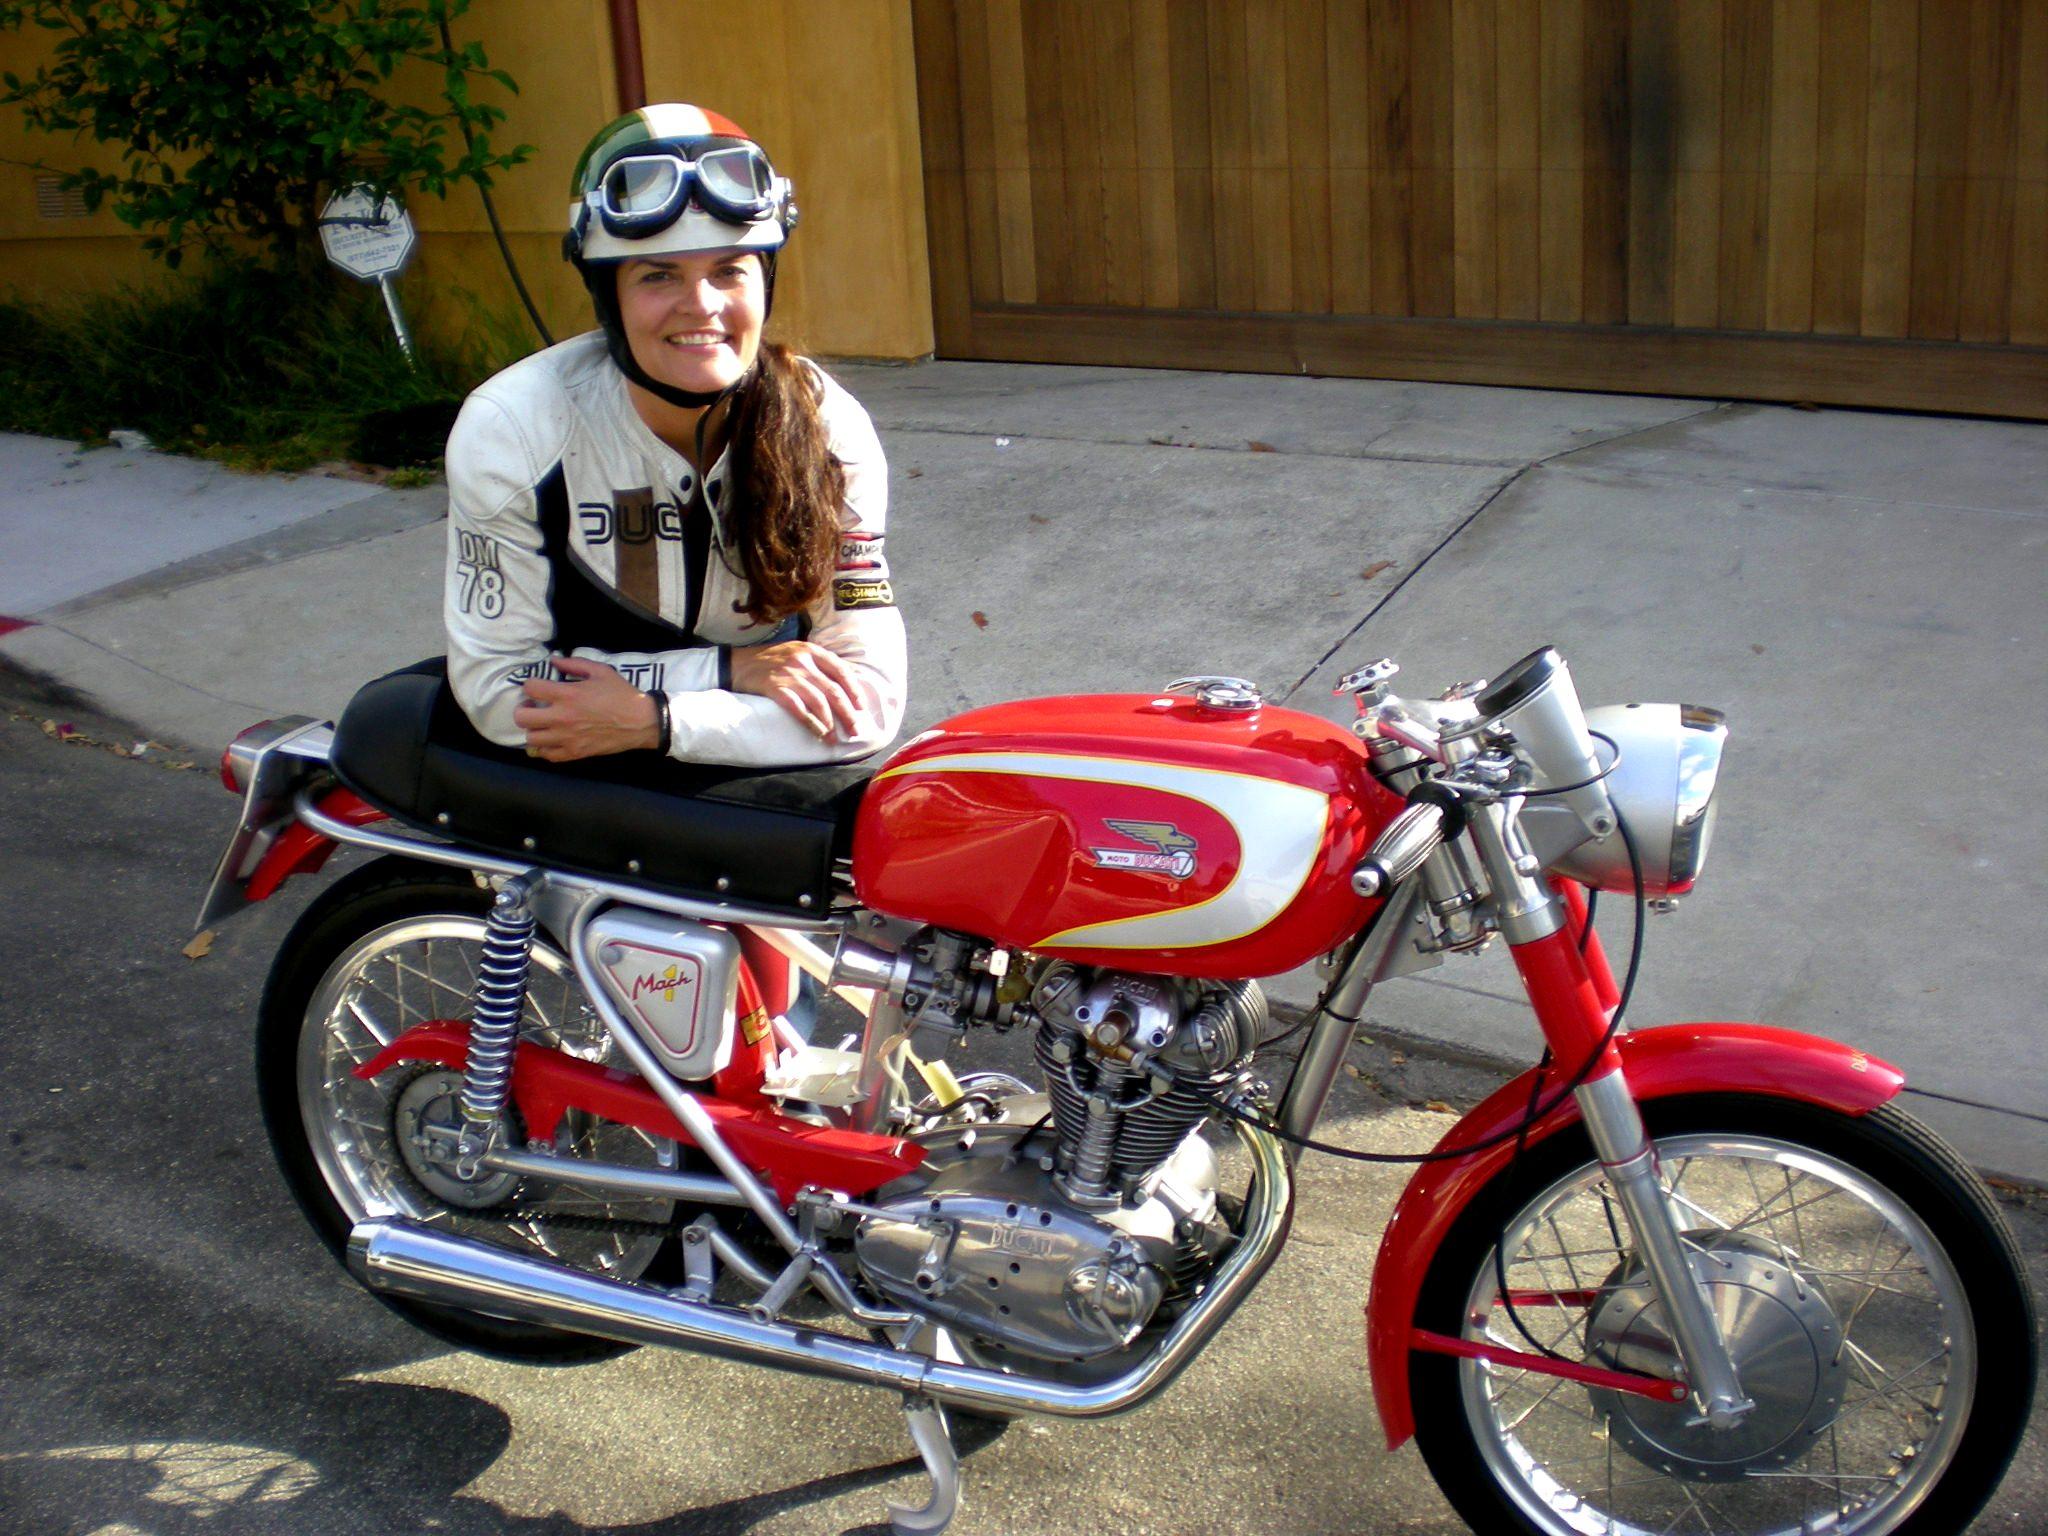 Ducati Mach 1 | Helmets n' Heels